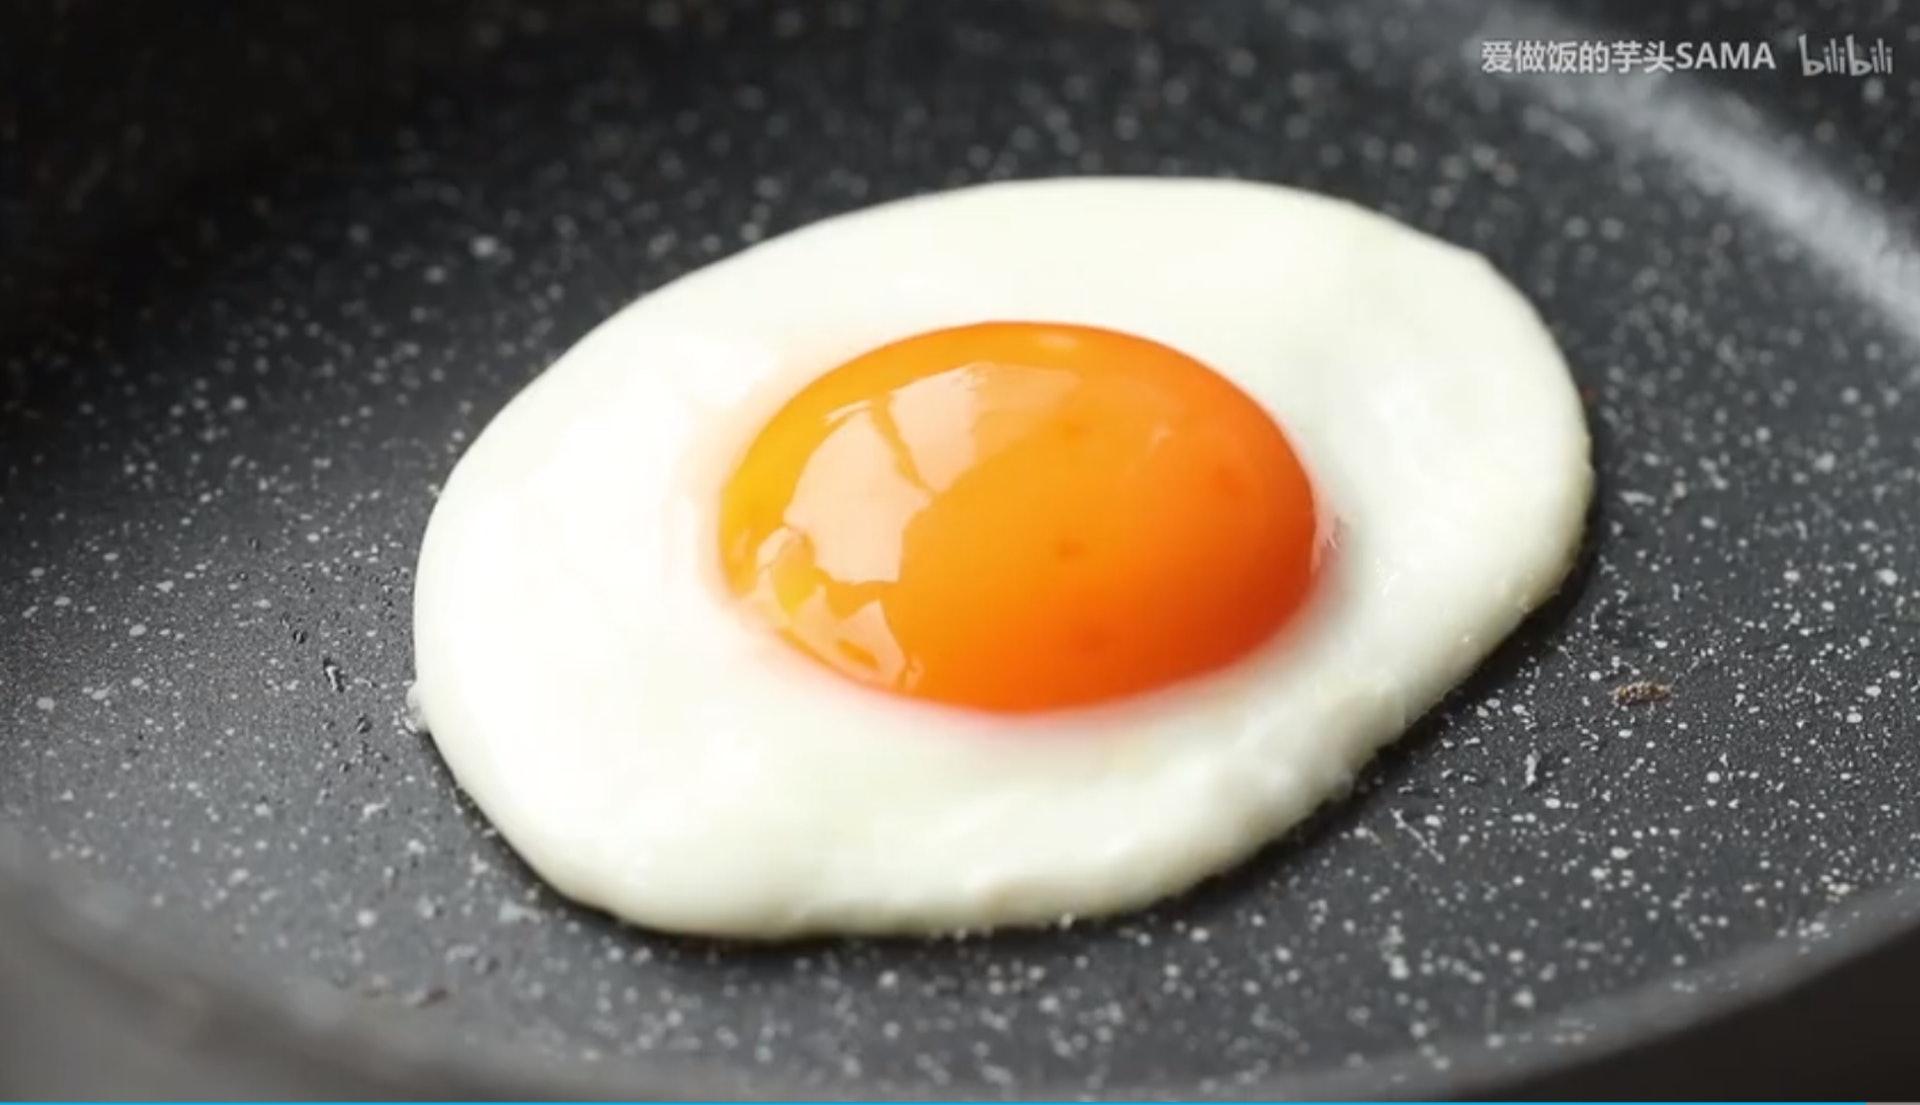 太陽蛋食譜】完美做法6步驟!網上瘋傳動畫可成真!